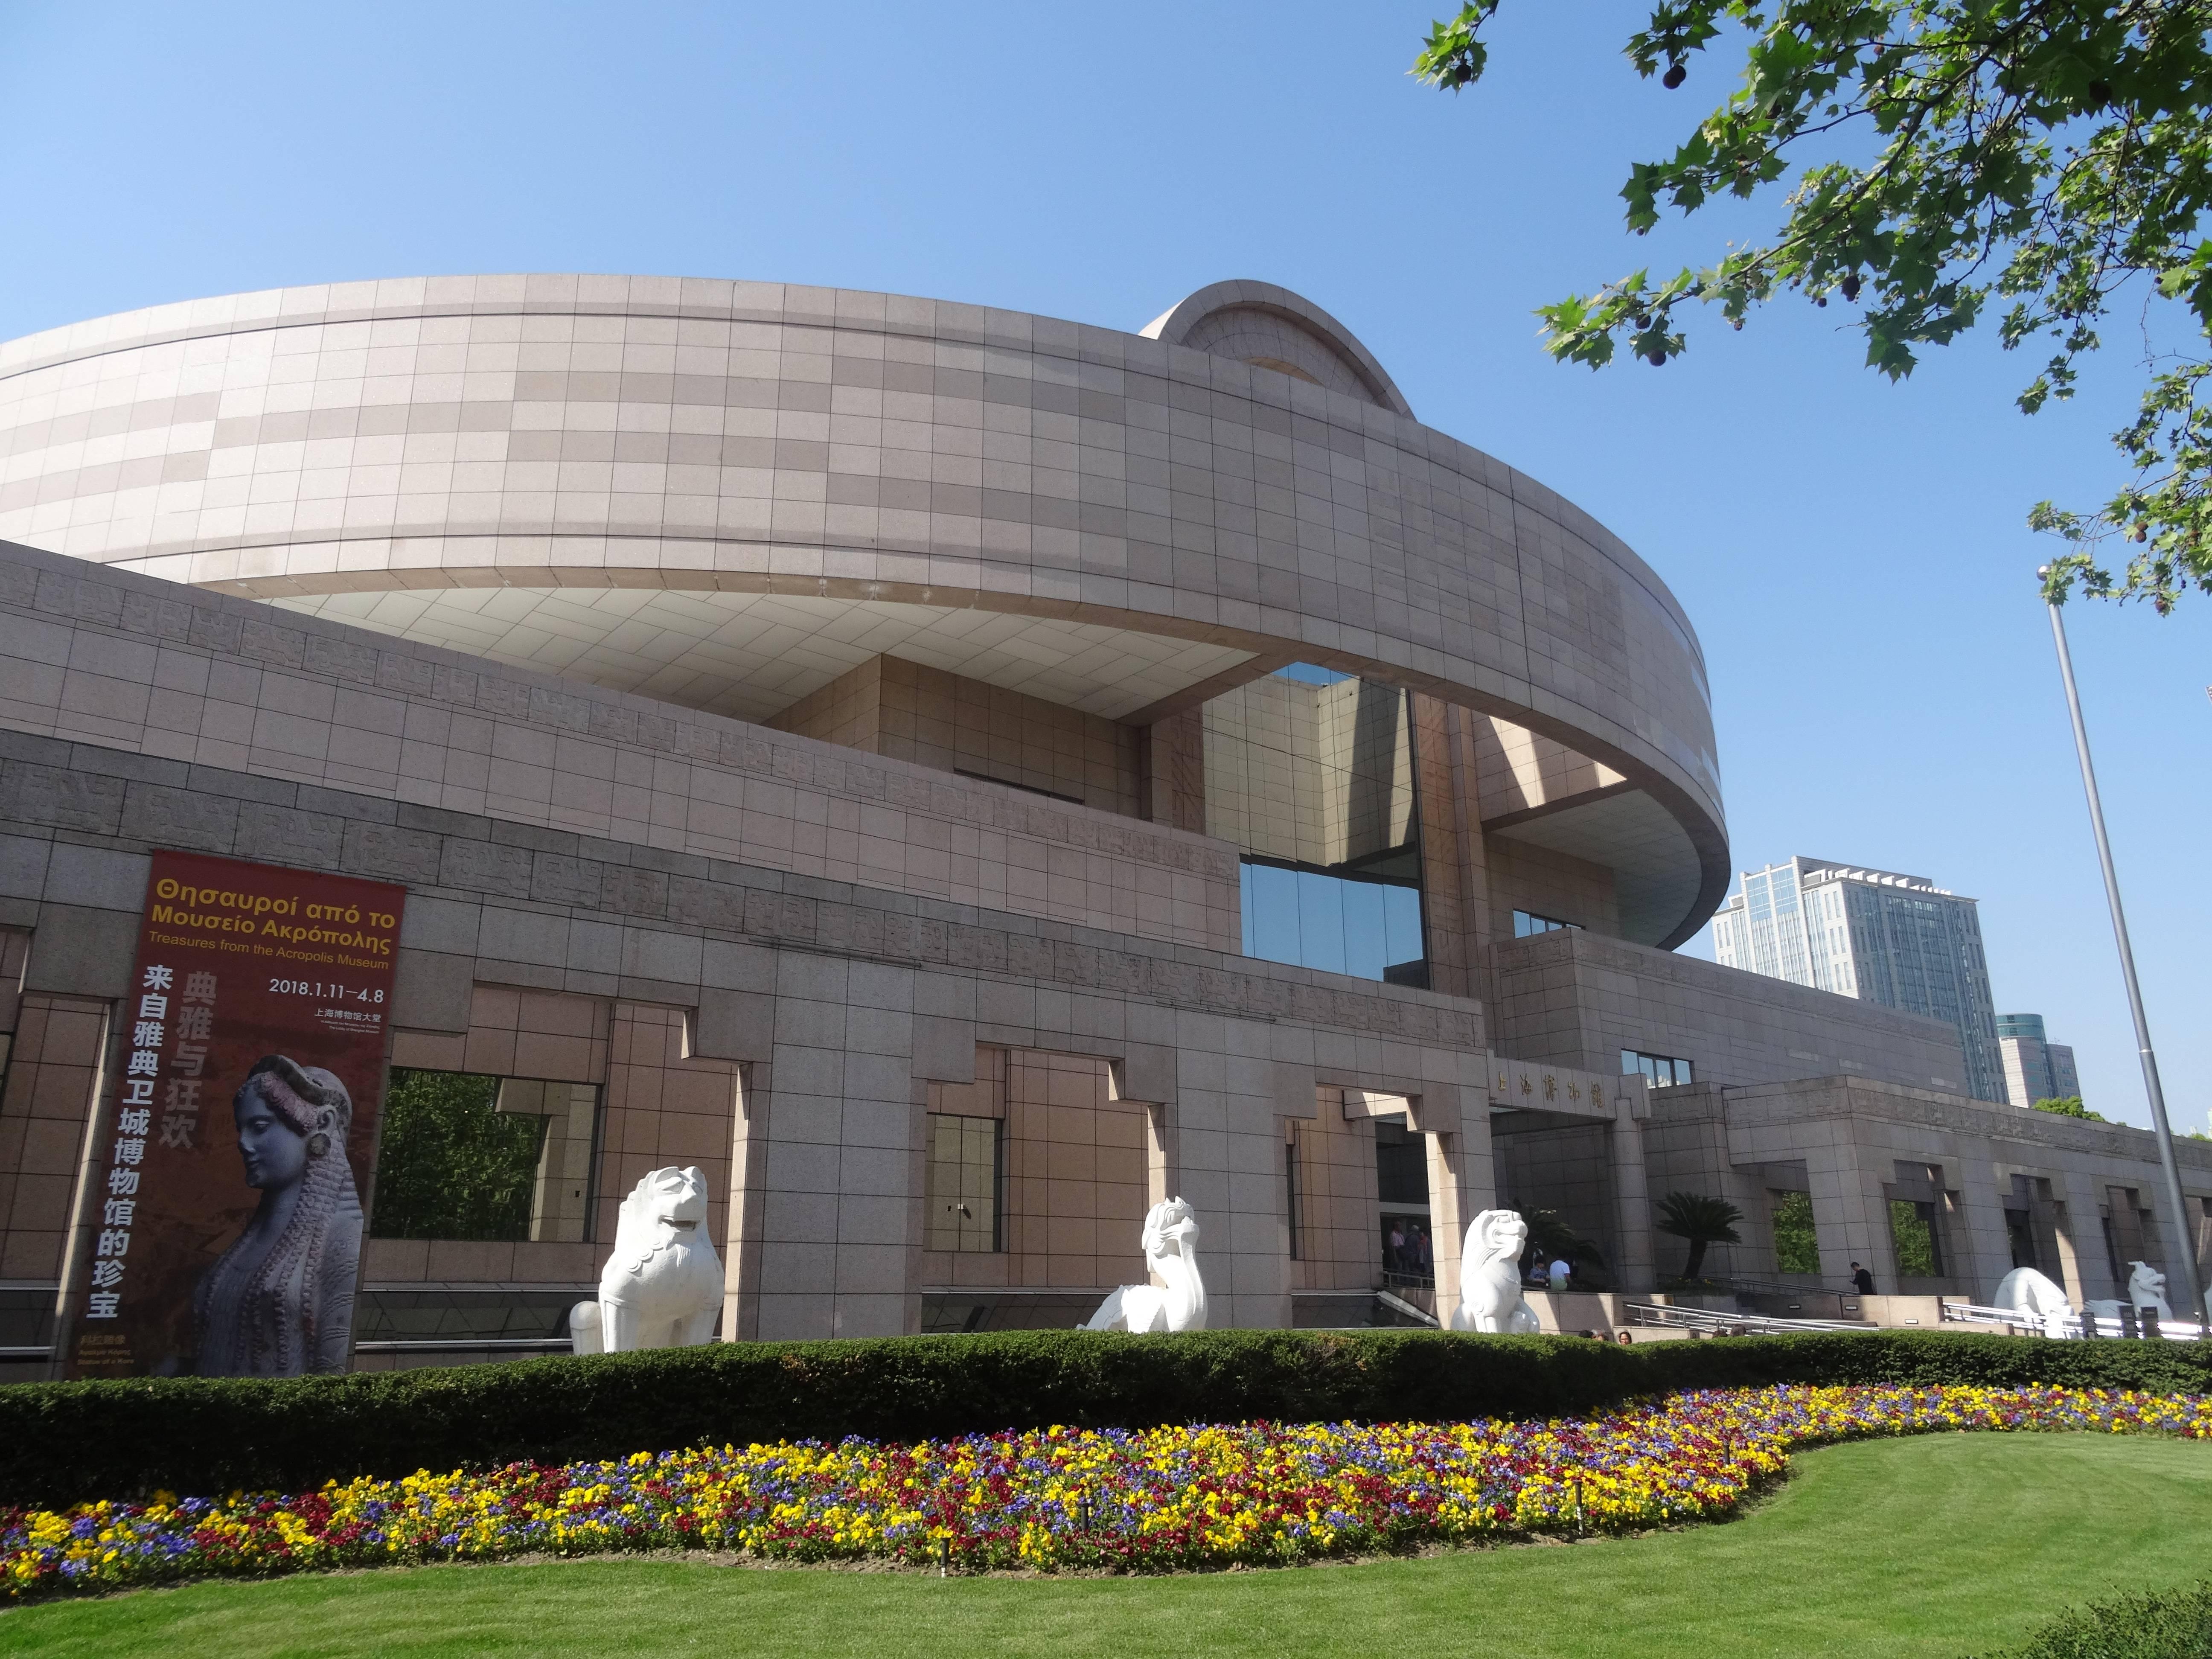 Photo 1: Shangaï et son superbe Musée d'Arts